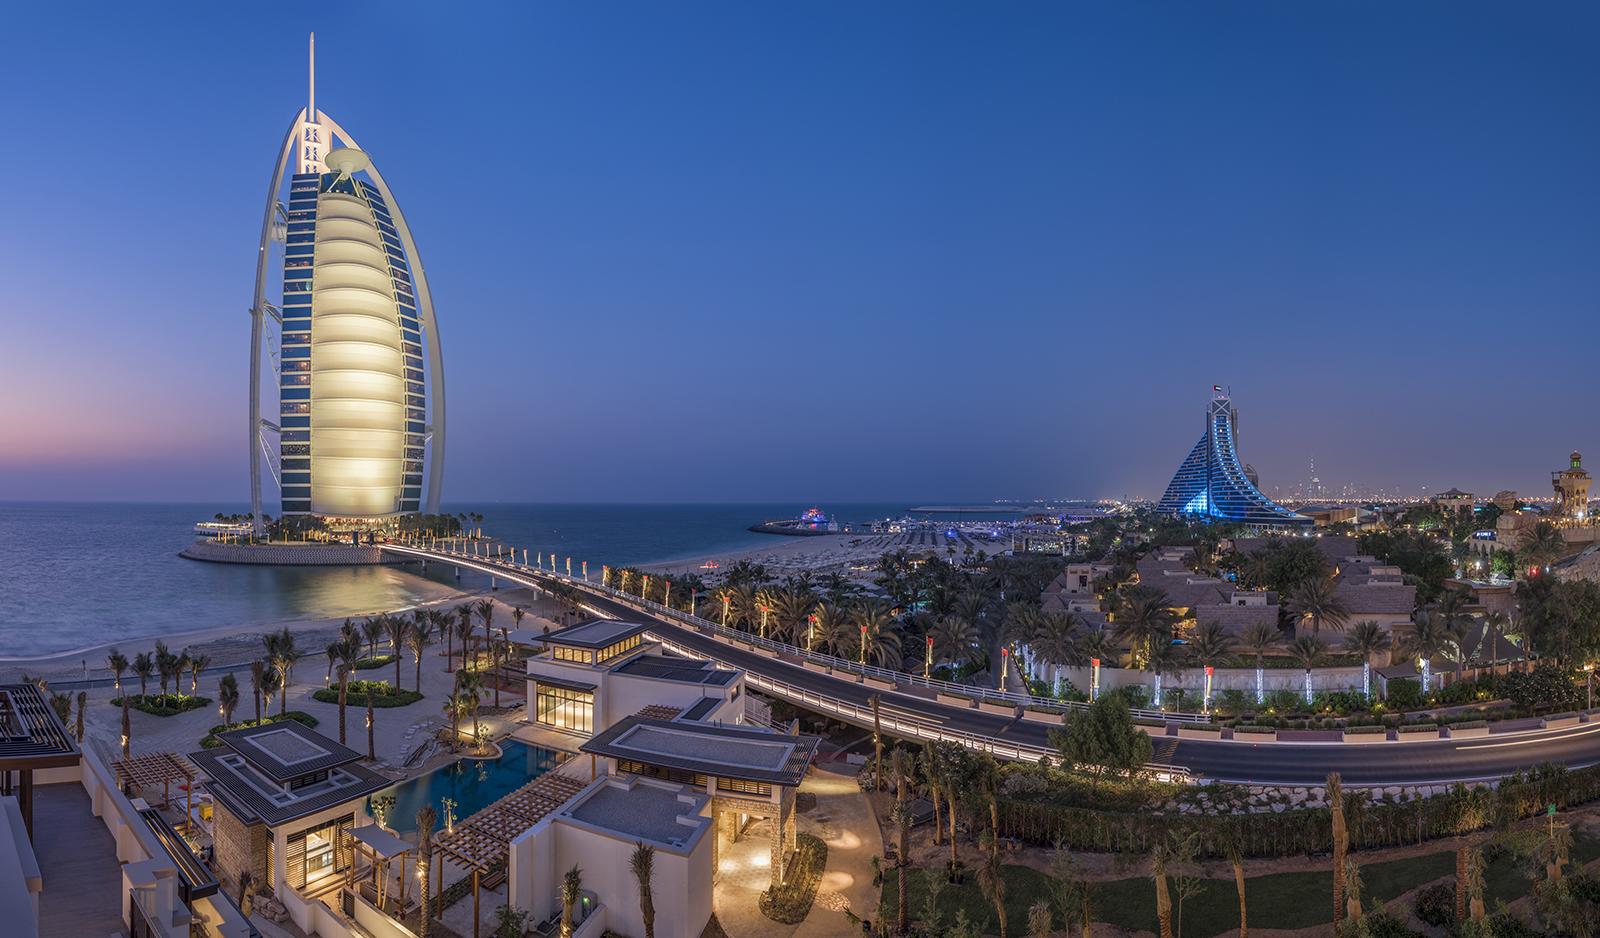 Burj Al Arab Panorama view